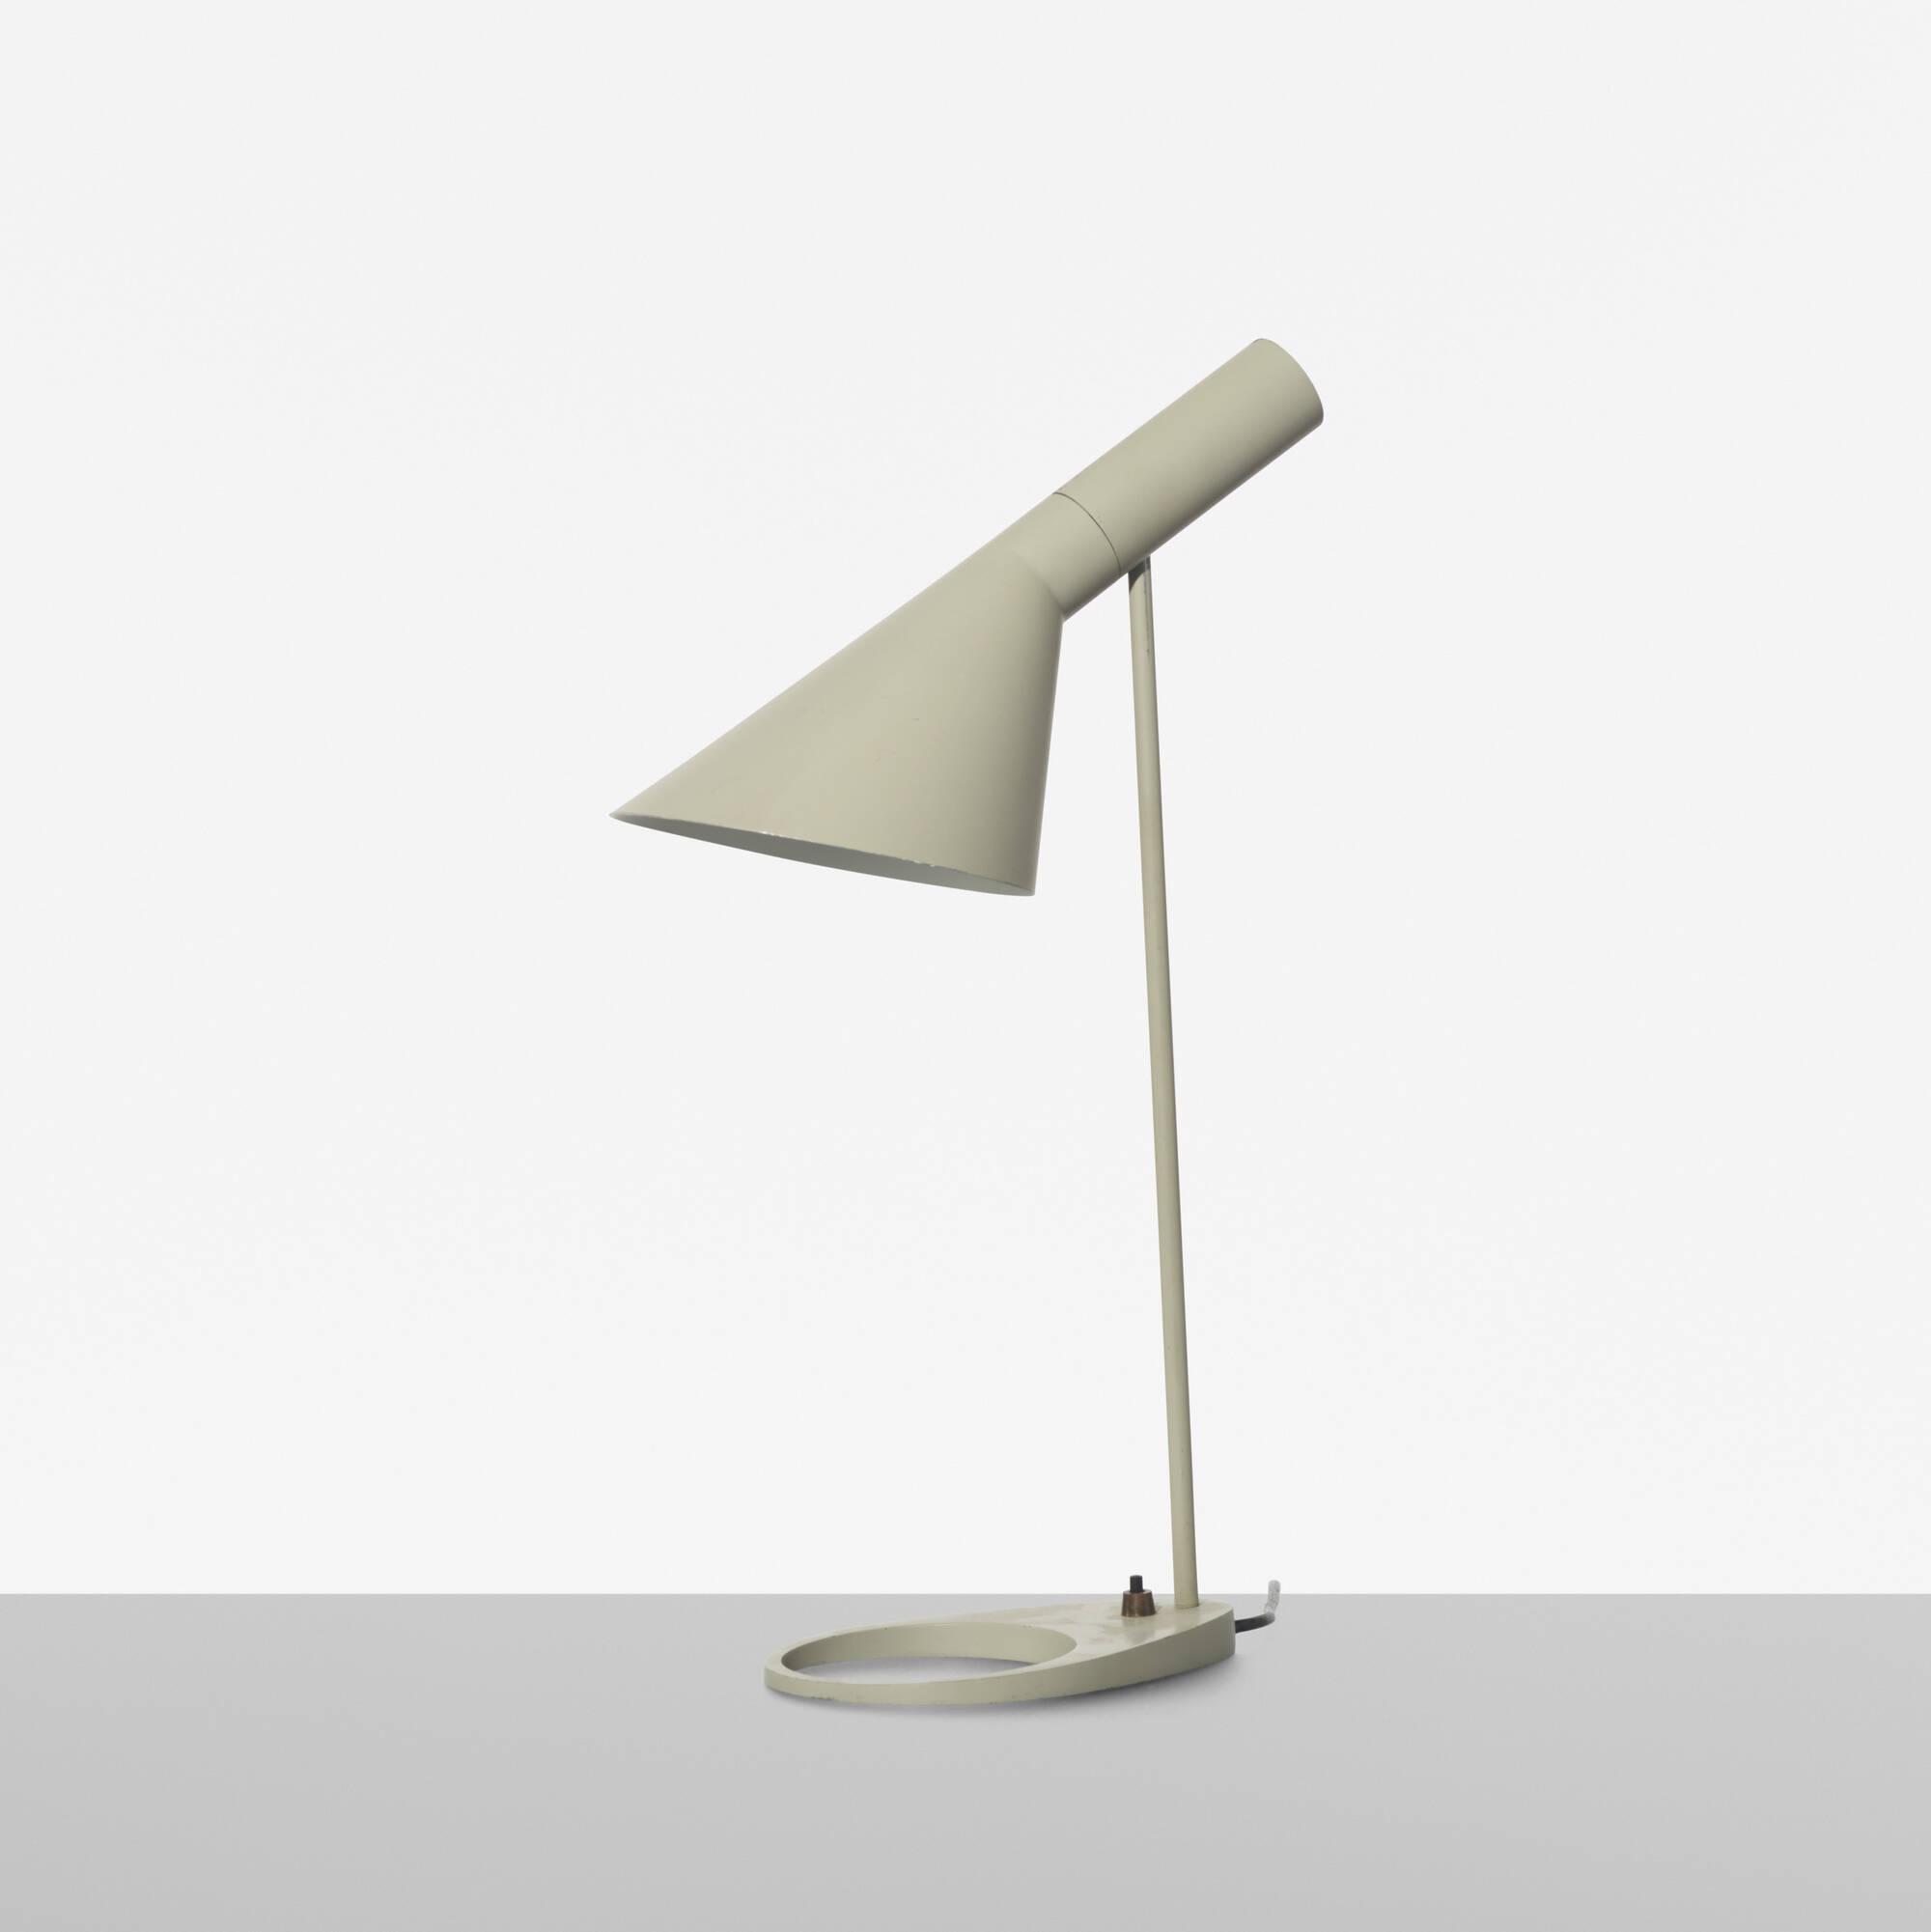 247: Arne Jacobsen / Visor table lamp < Scandinavian Design, 18 ...